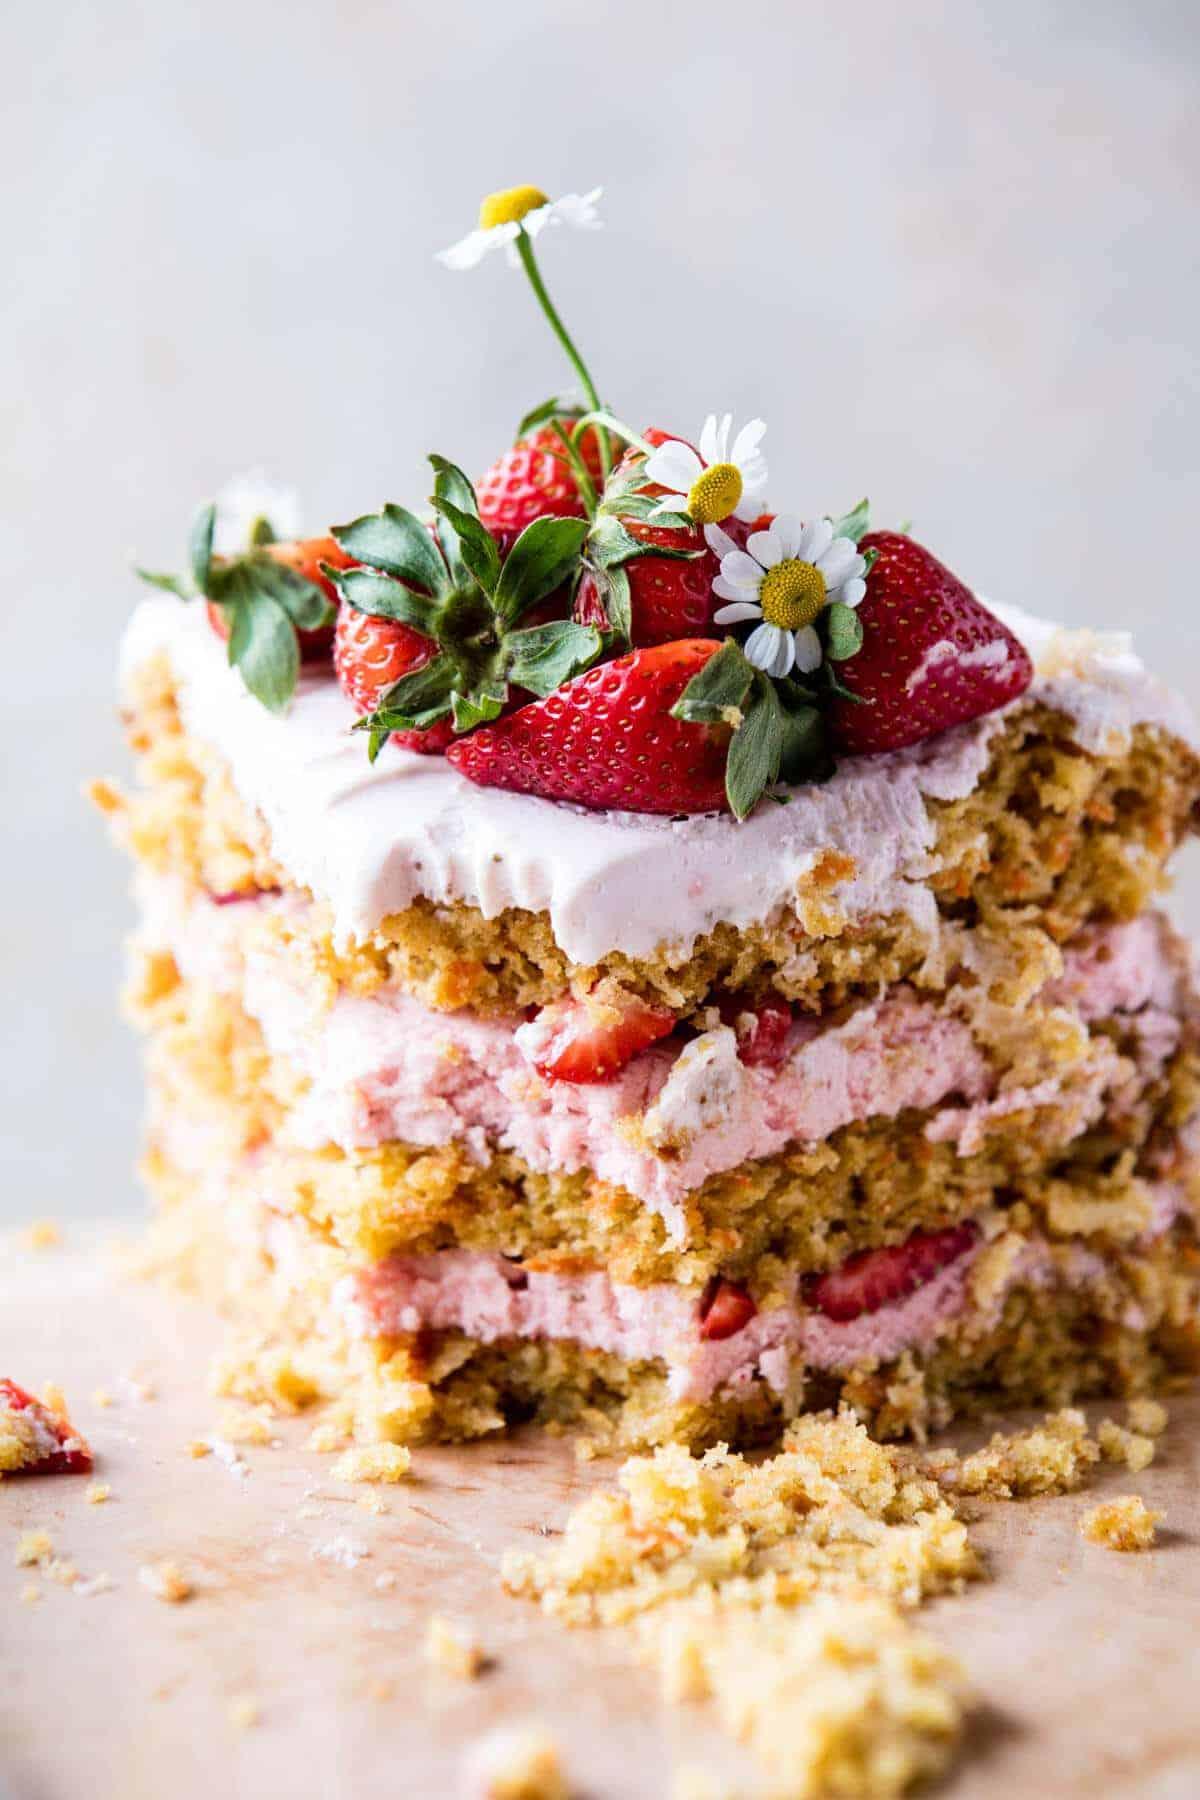 Strawberry Coconut Carrot Cake with Mascarpone Buttercream | halfbakedharvest.com @hbharvest